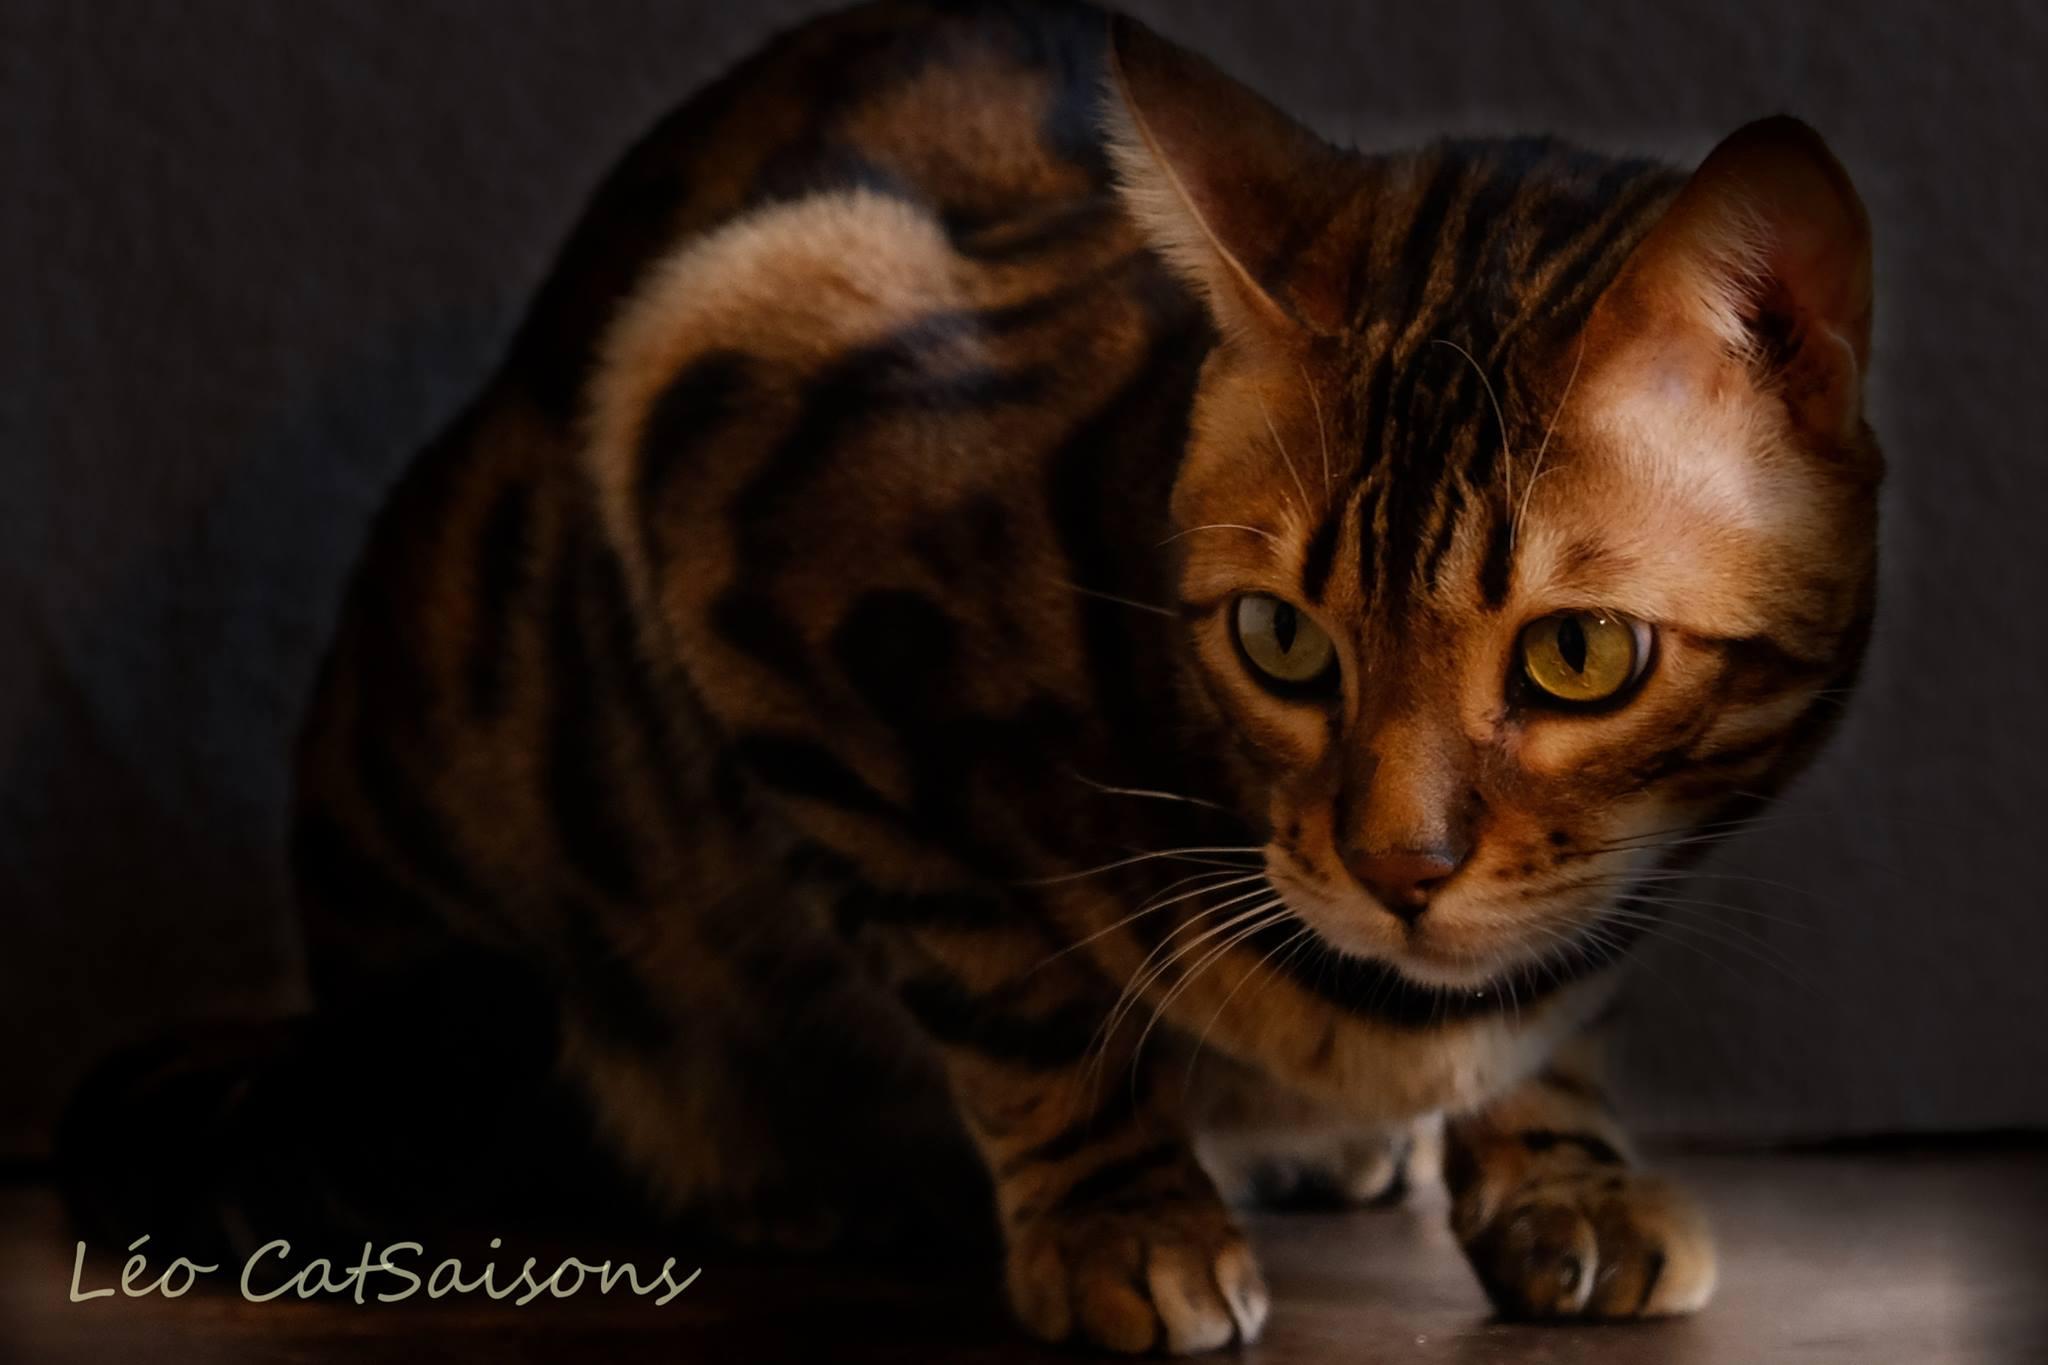 (c) Catsaisons.com